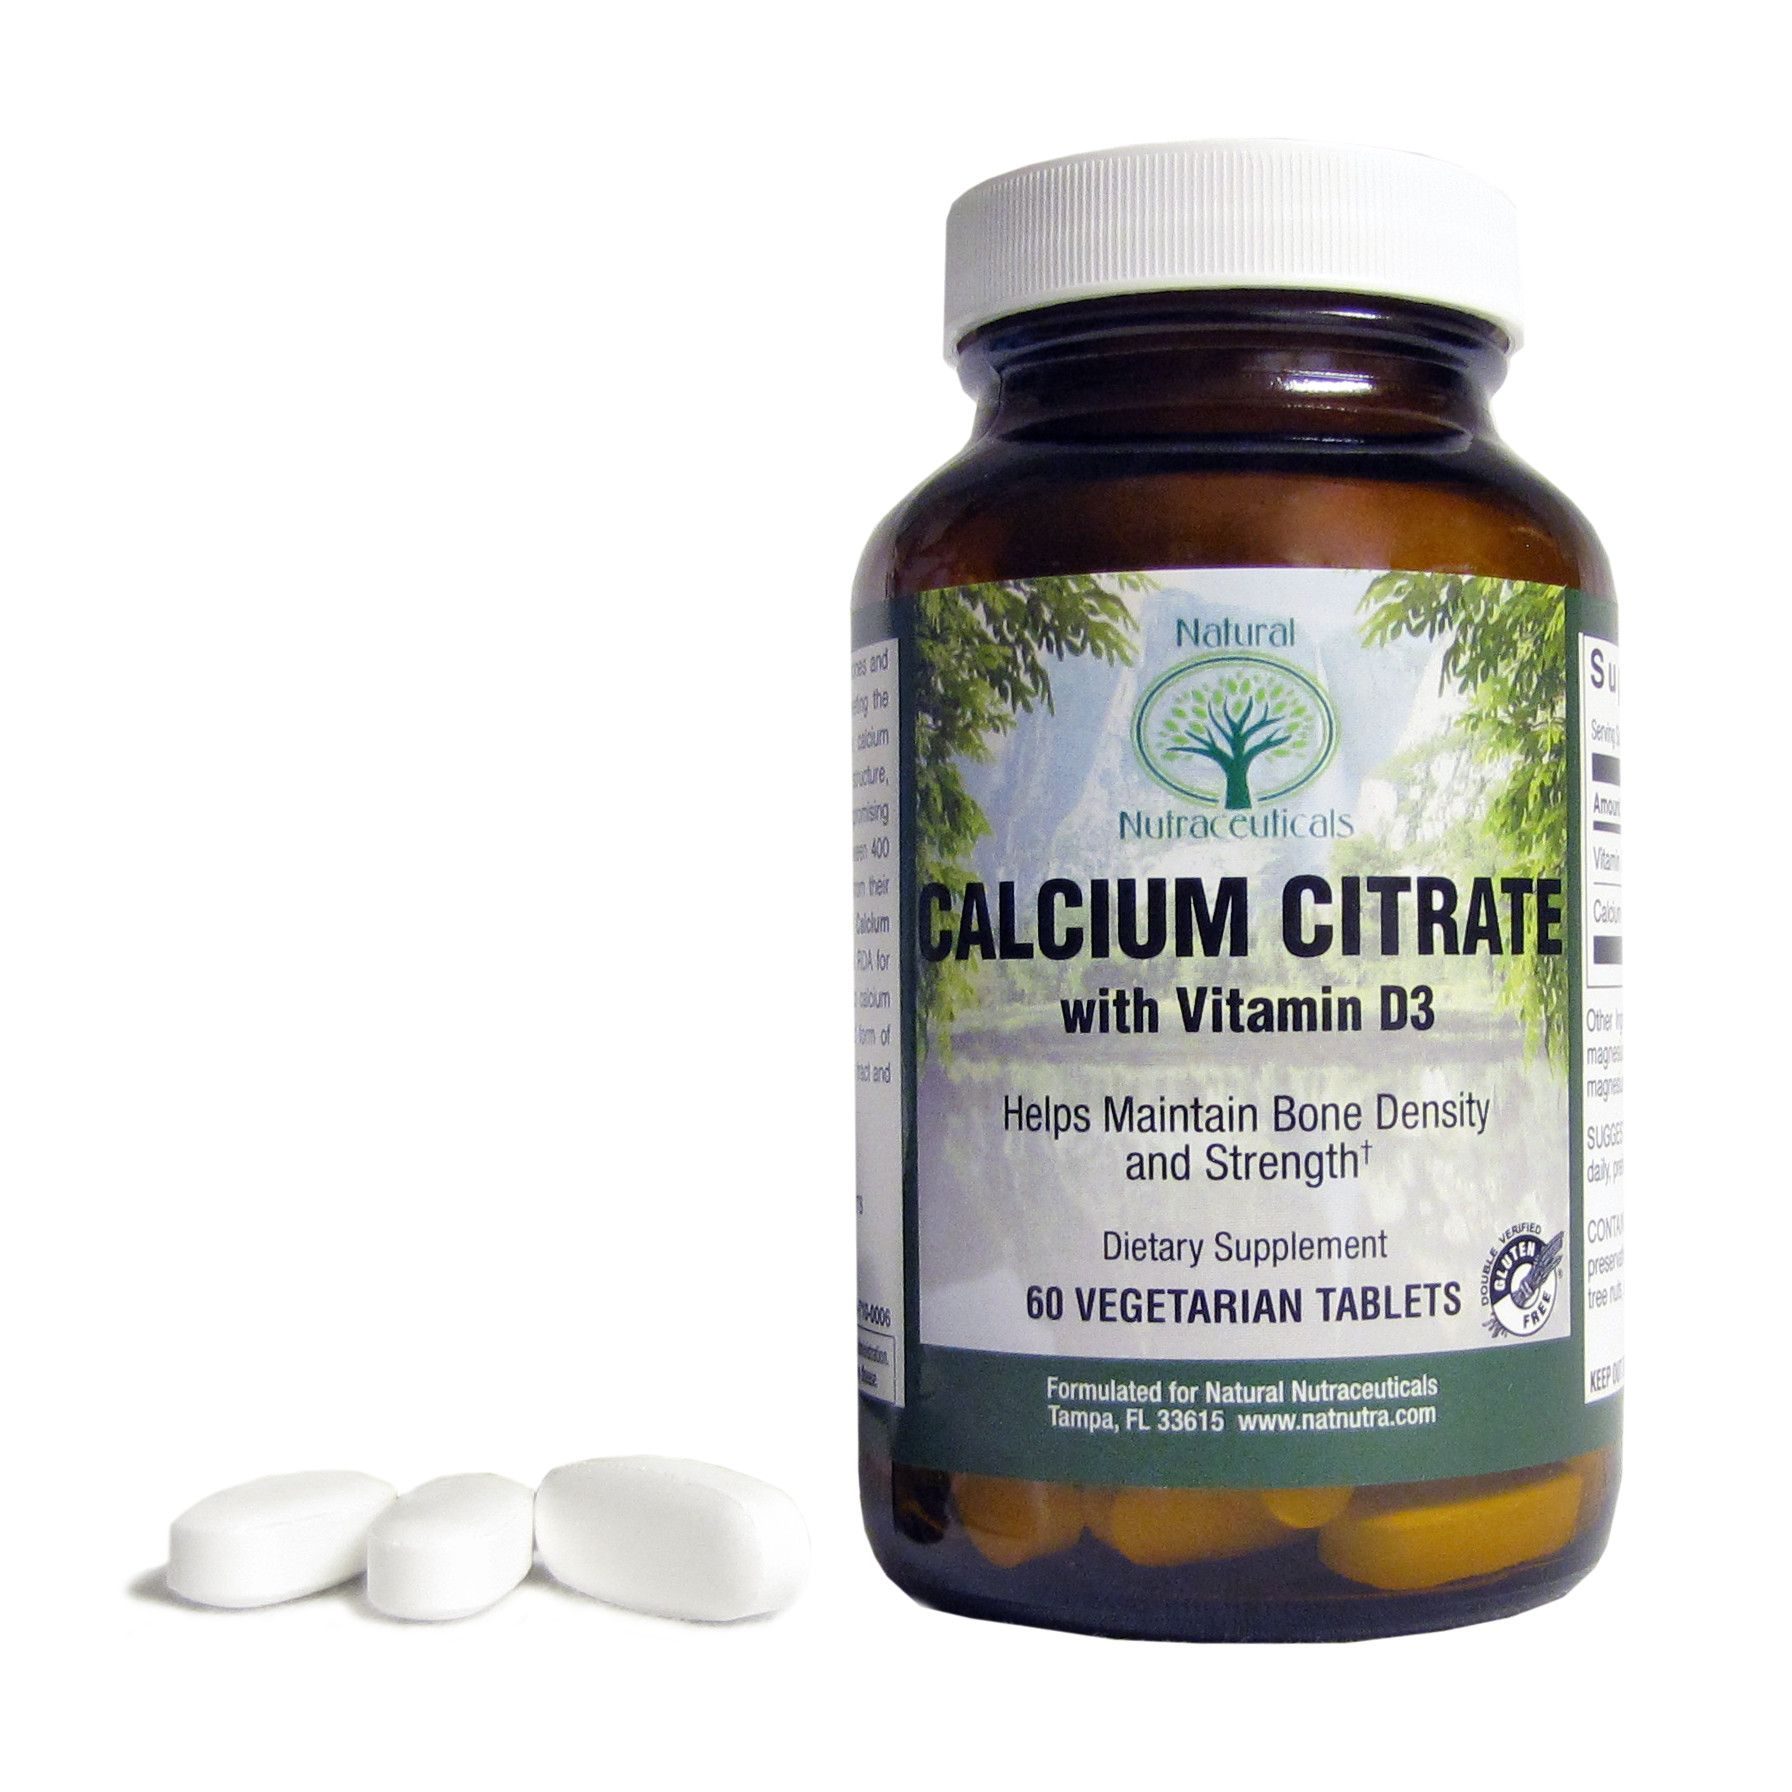 Calcium Citrate with Vitamin D3 (With images) Calcium